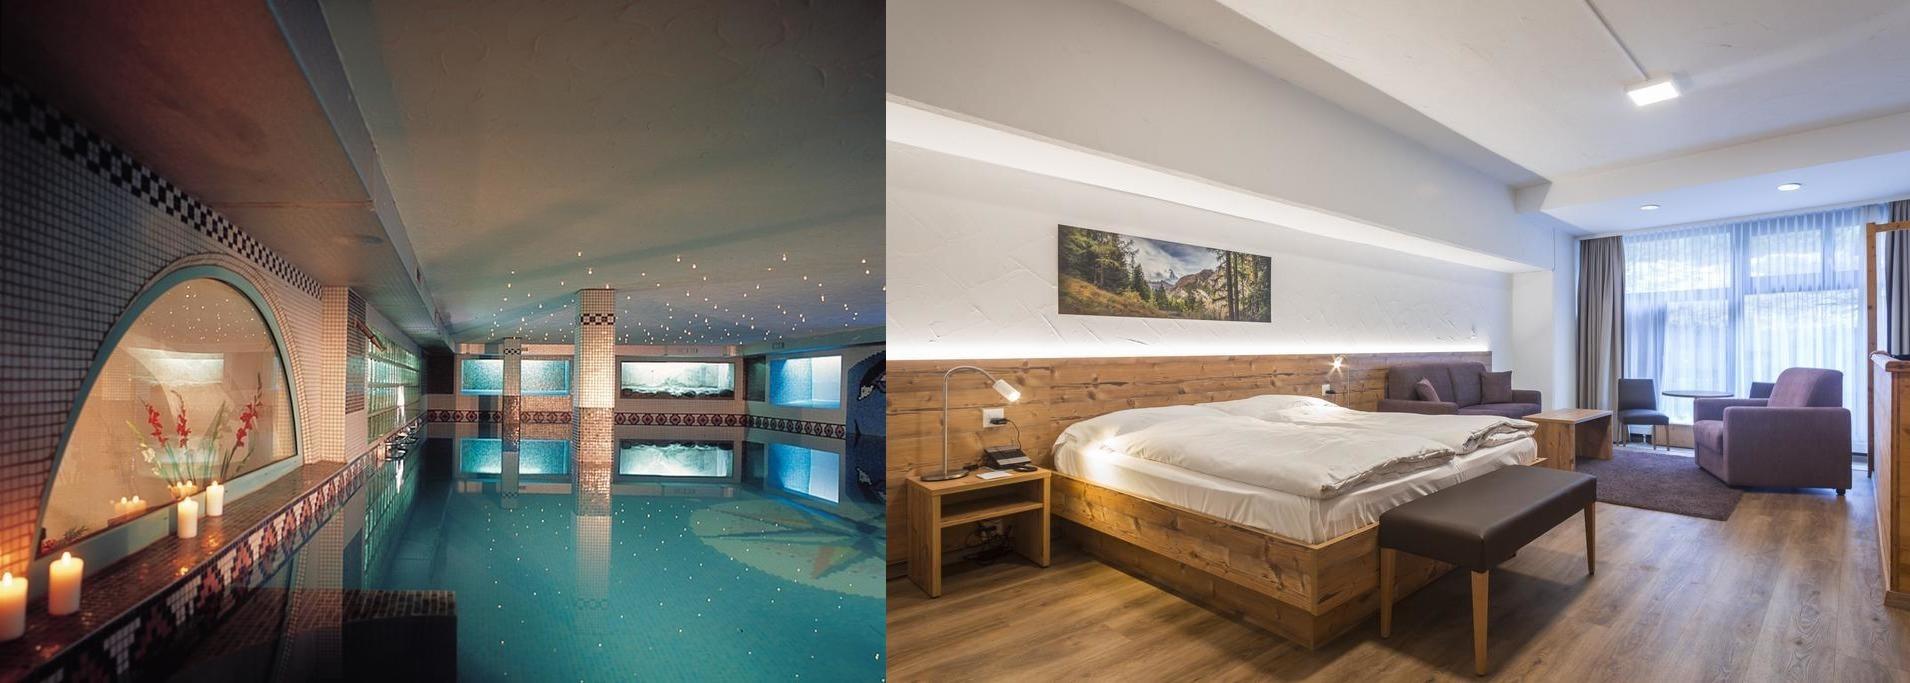 Zermatt Budget Rooms